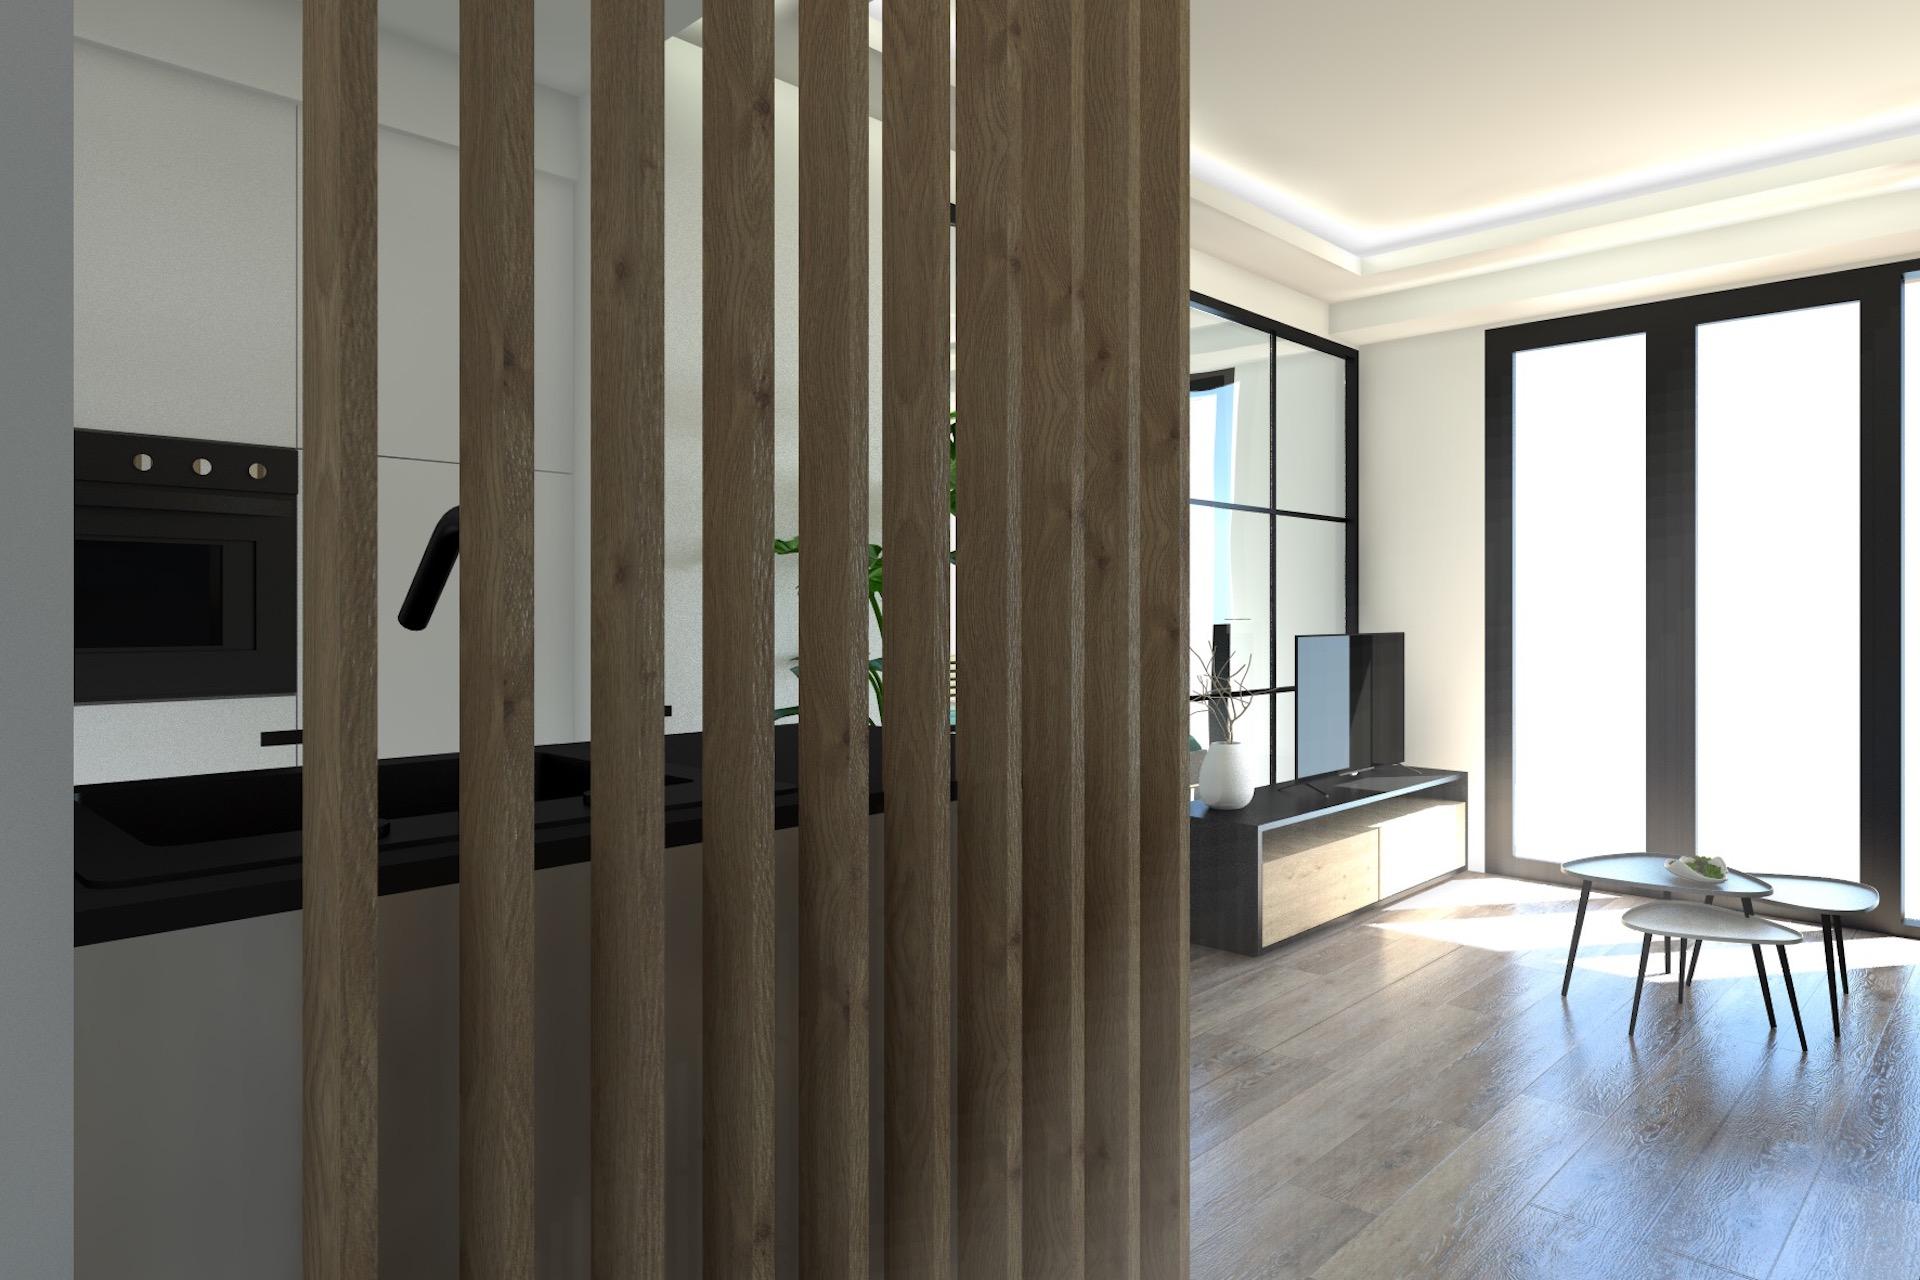 Rénovation-aménagement-décoration-appartement-Sainte-Maxime-architecte-interieur-var4